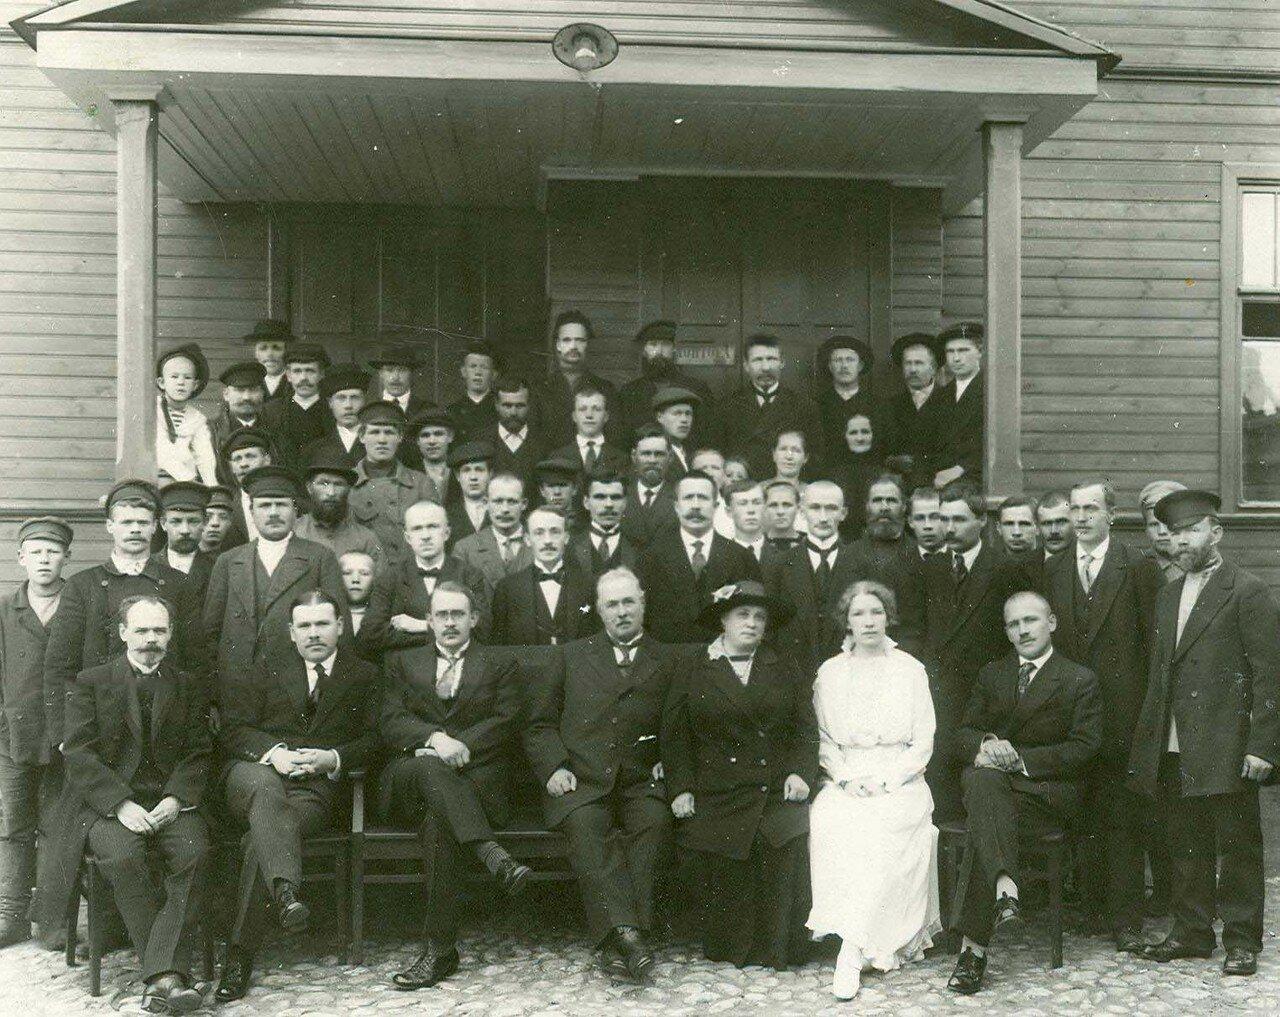 08. Группа рабочих и служащих завода у здания конторы